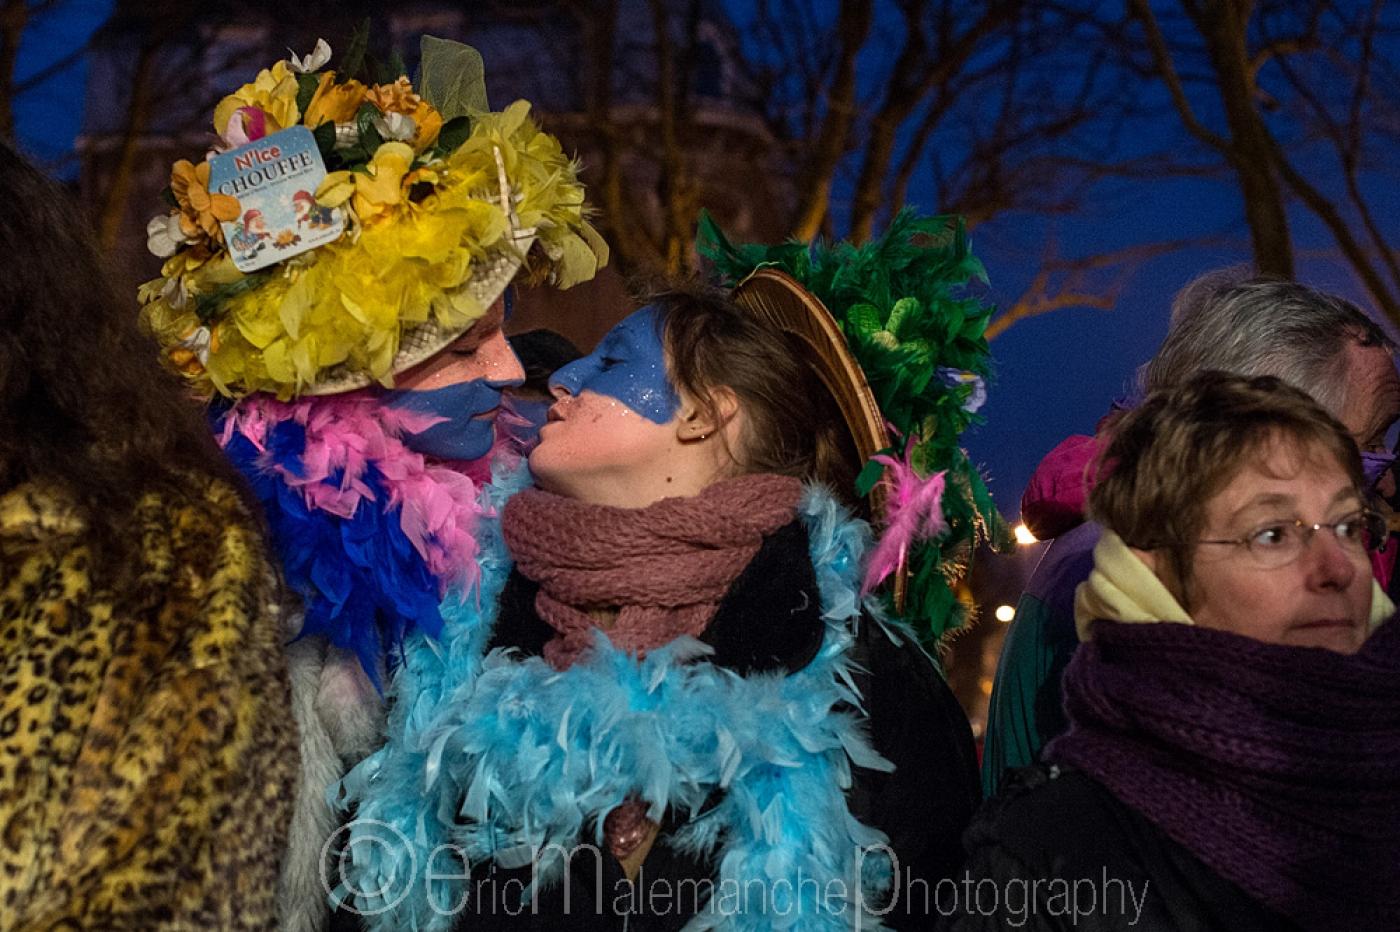 http://www.ericmalemanche.com/imagess/topics/carnaval-de-dunkerque/liste/Carnaval-Dunkerque-6282.jpg